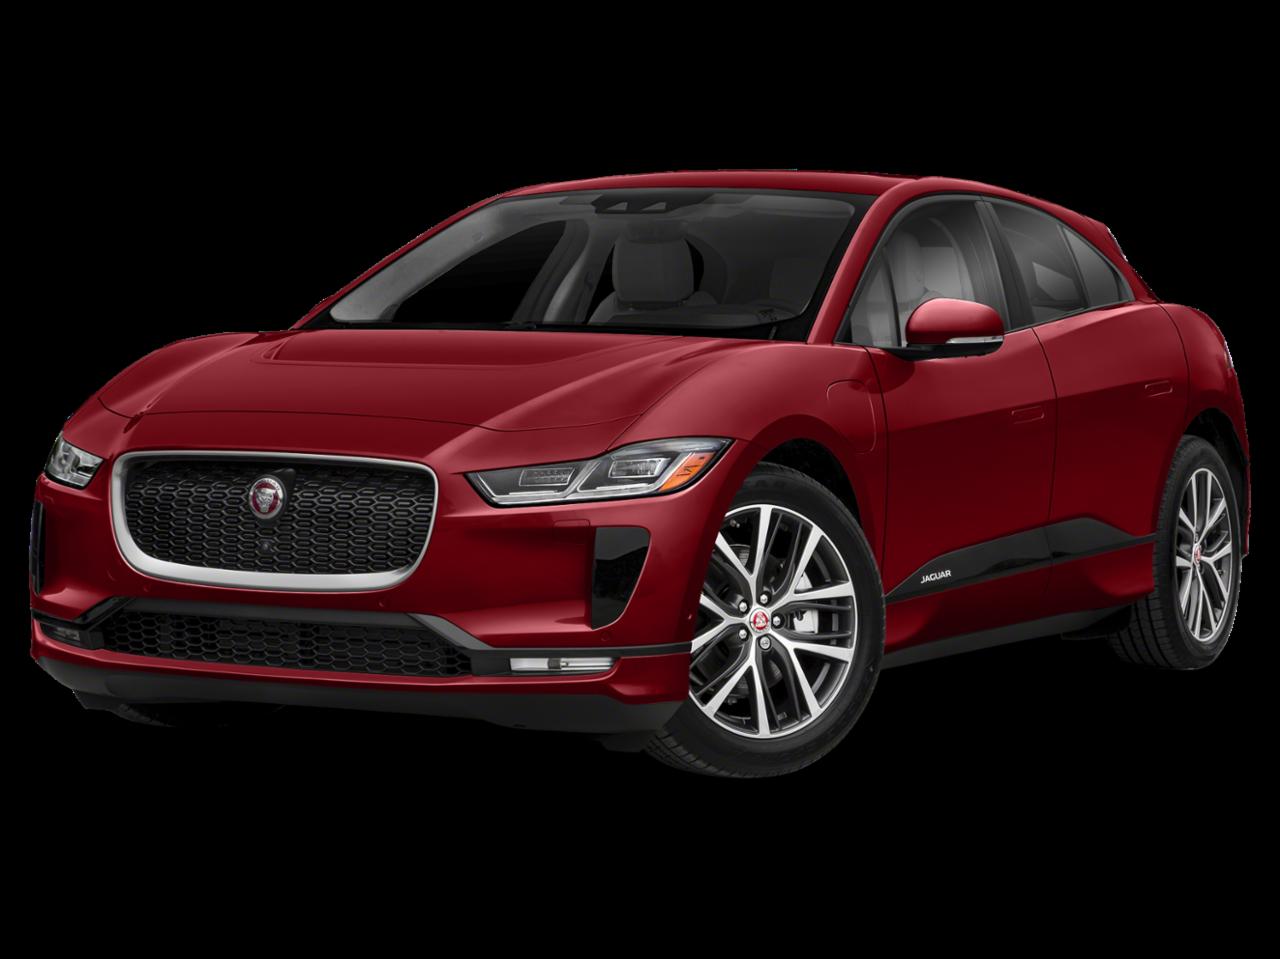 Jaguar 2020 I-PACE S